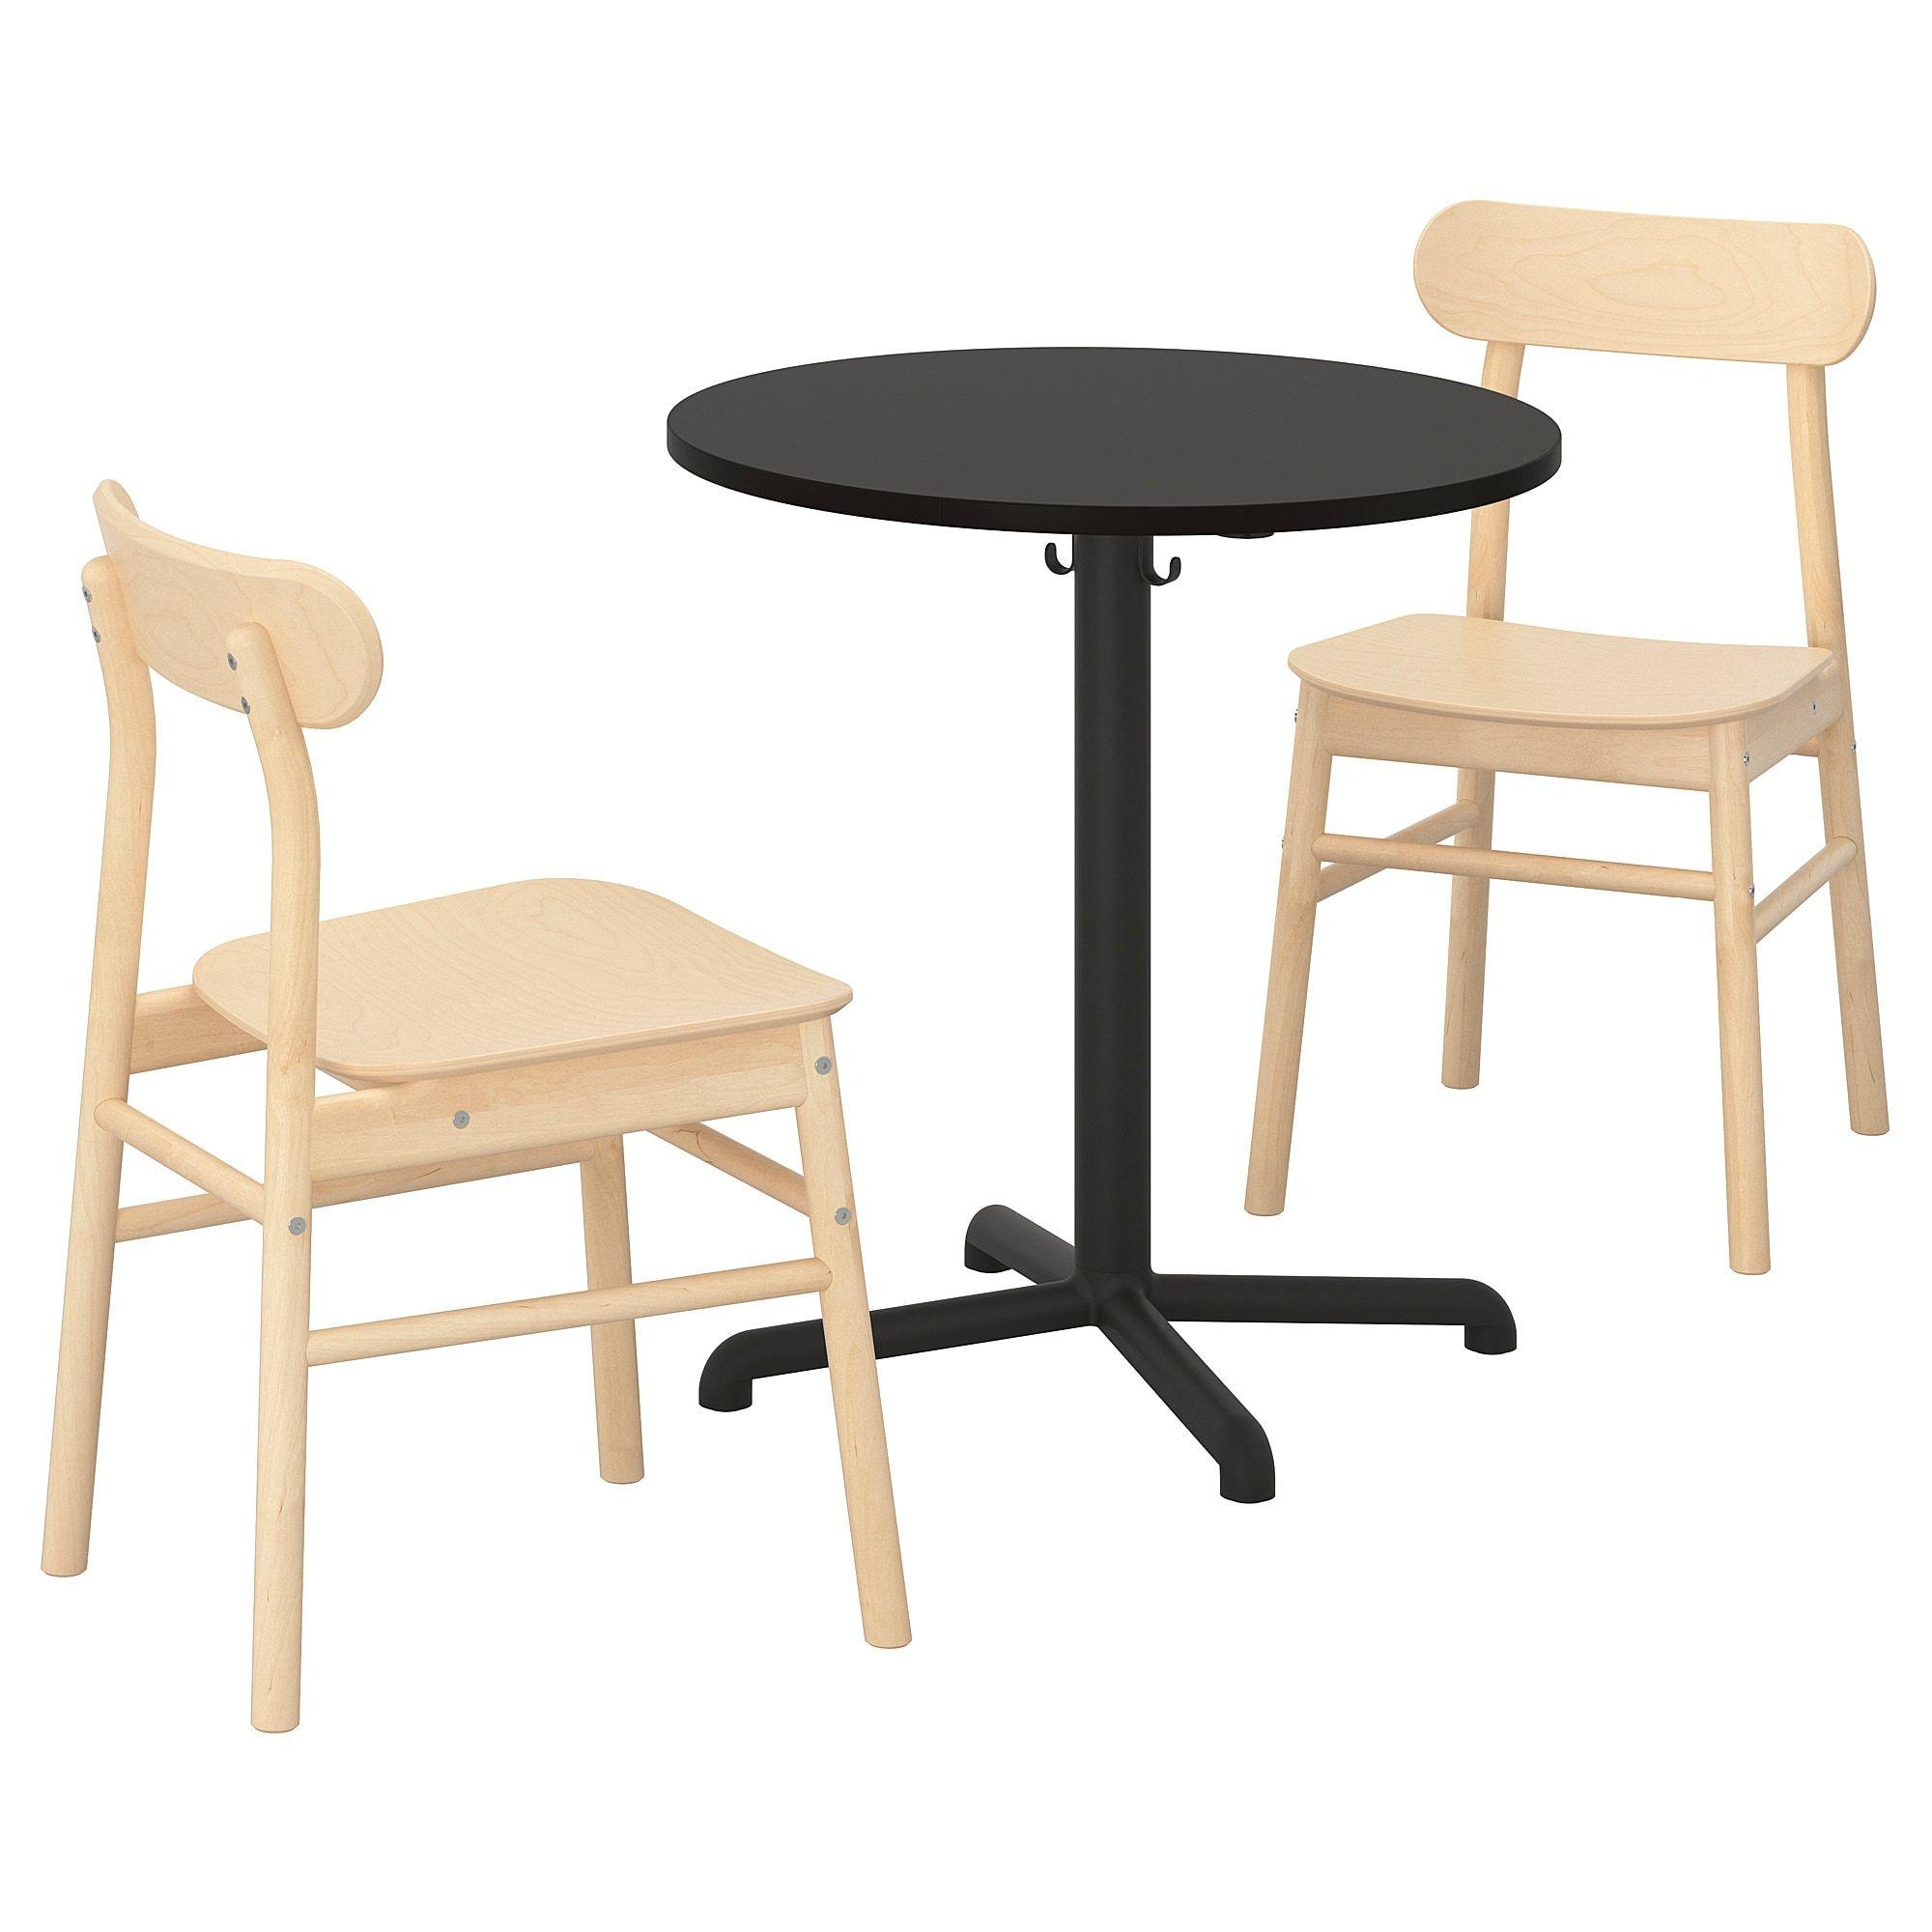 Stensele Ronninge Tisch Und 2 Stuhle Anthrazit Anthrazit Birke Ikea Tisch Und Ikea Tisch